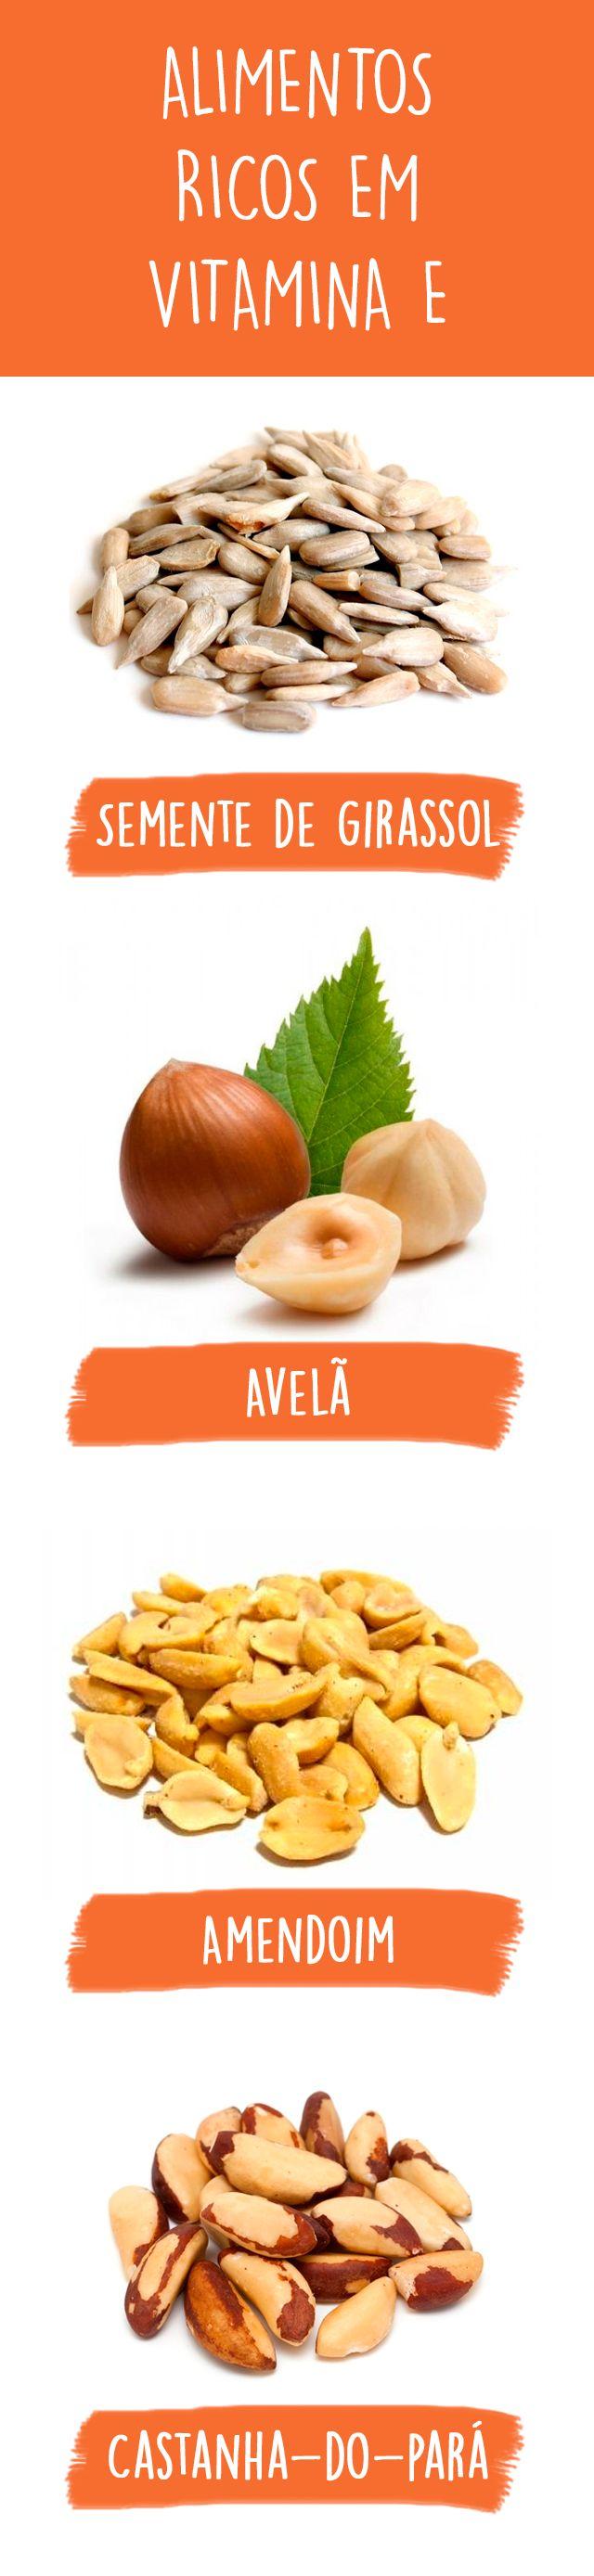 Os alimentos ricos em vitamina E são, na sua maioria, alimentos de origem vegetal, como cereais integrais, óleos vegetais e sementes. Porém, a gema do ovo, o fígado e a gordura que envolve a carne também são ricos nesta vitamina, que é antioxidante, ou seja, que serve para proteger as células do organismo.